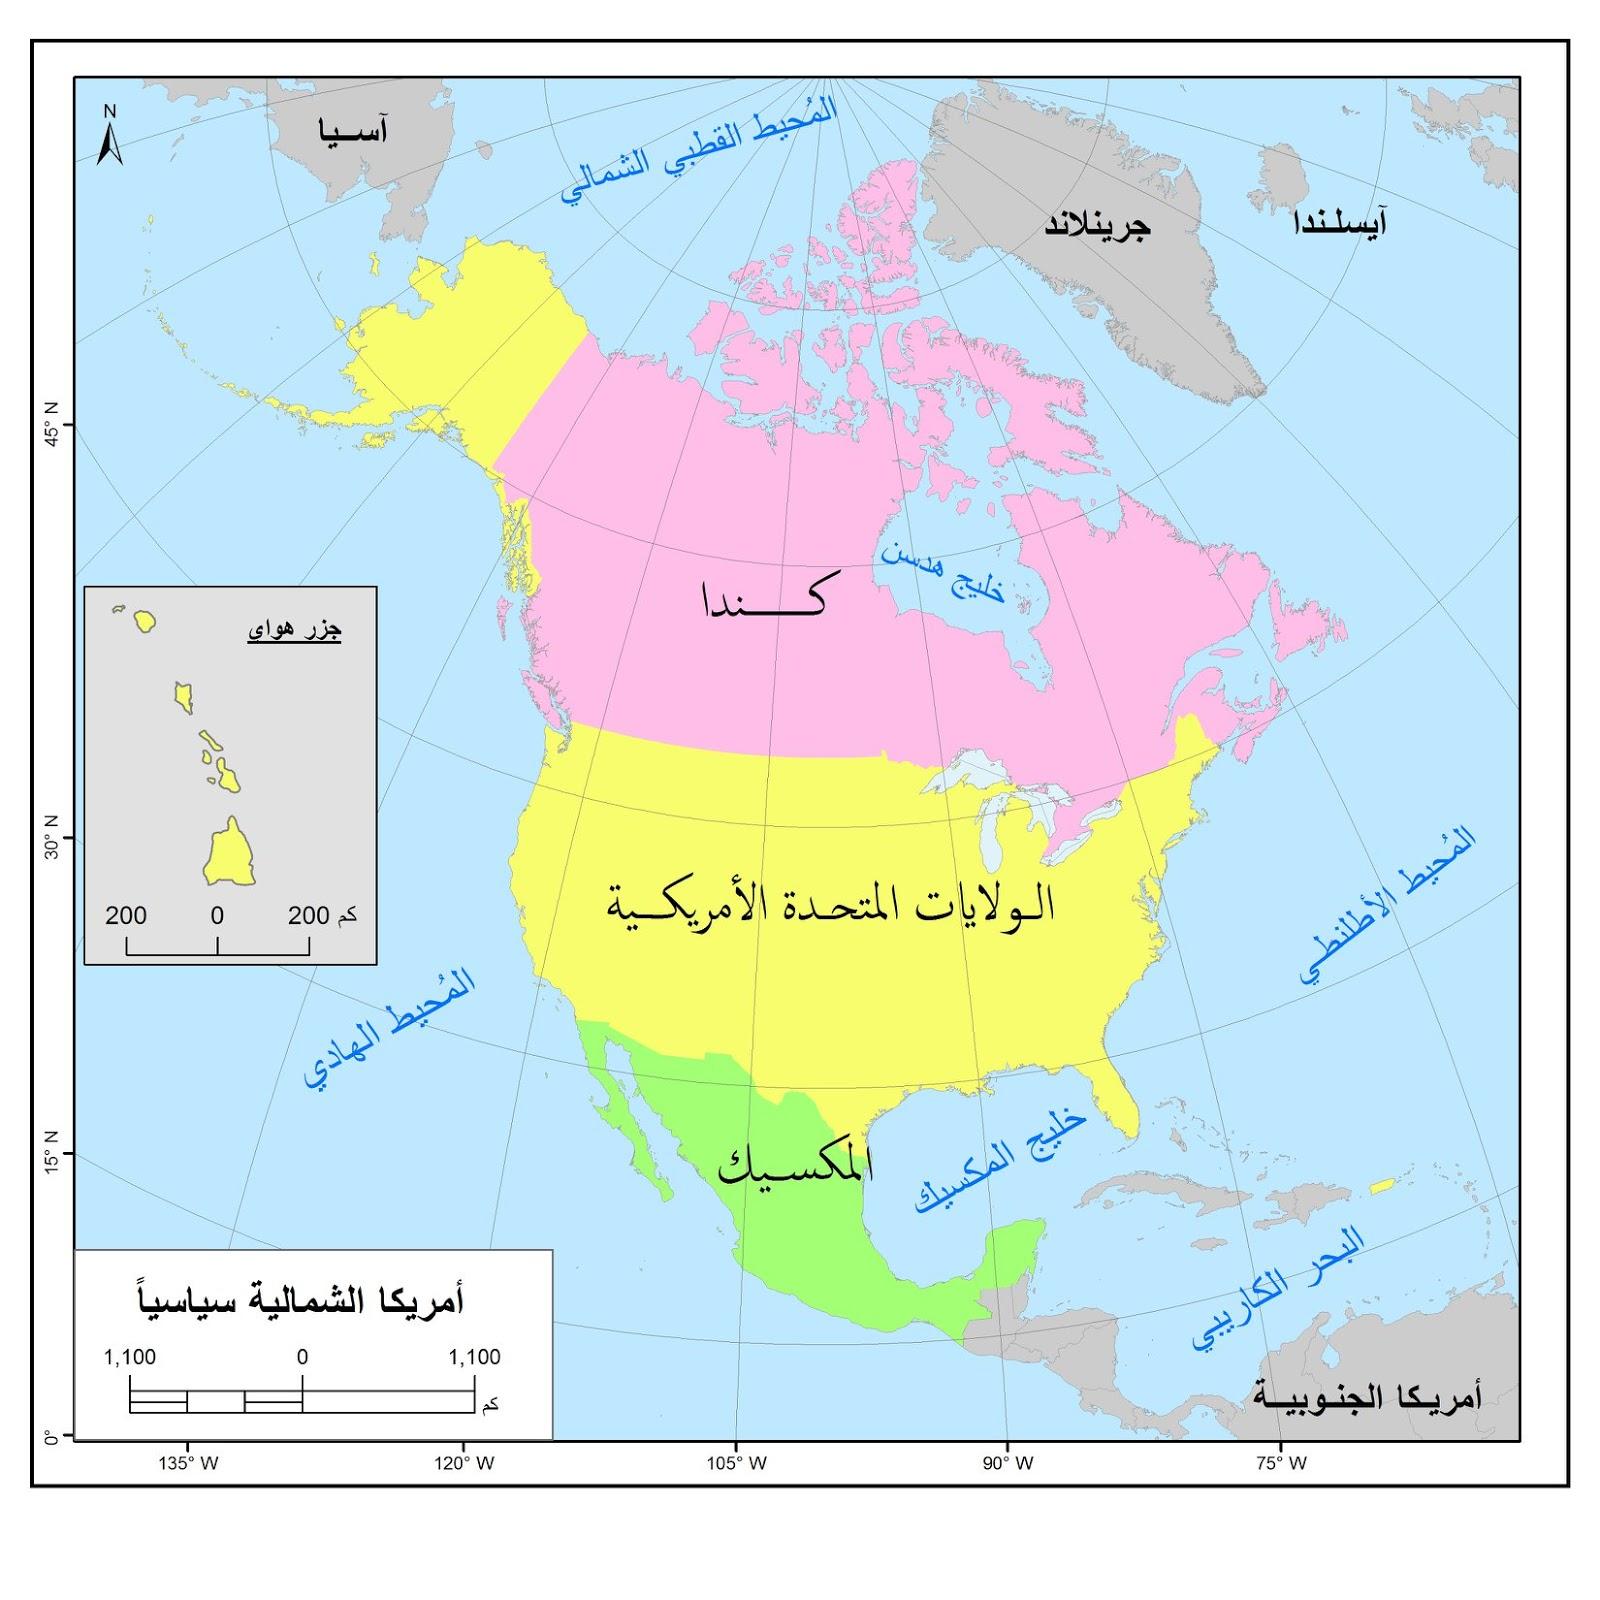 خريطة أمريكا الشمالية سياسيا